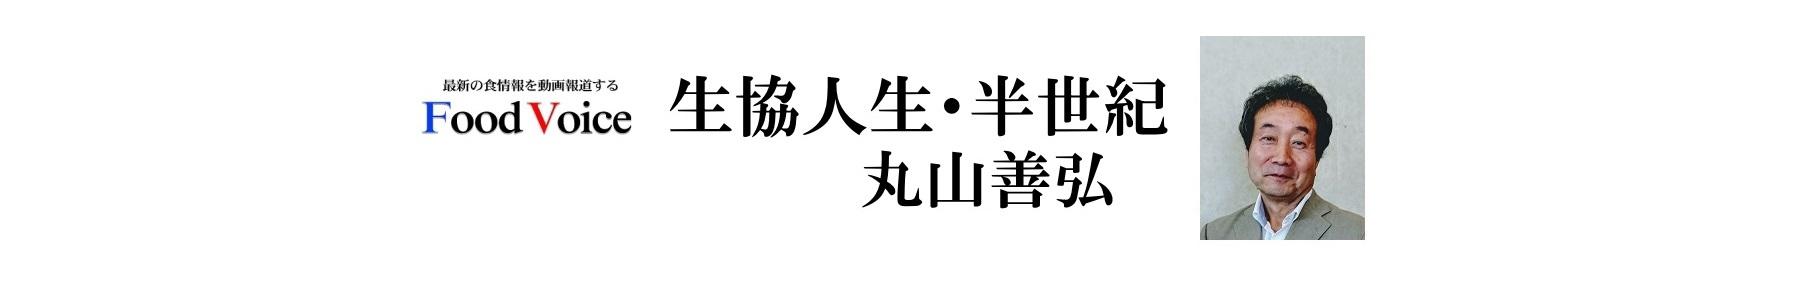 丸山義弘生協人生半世紀